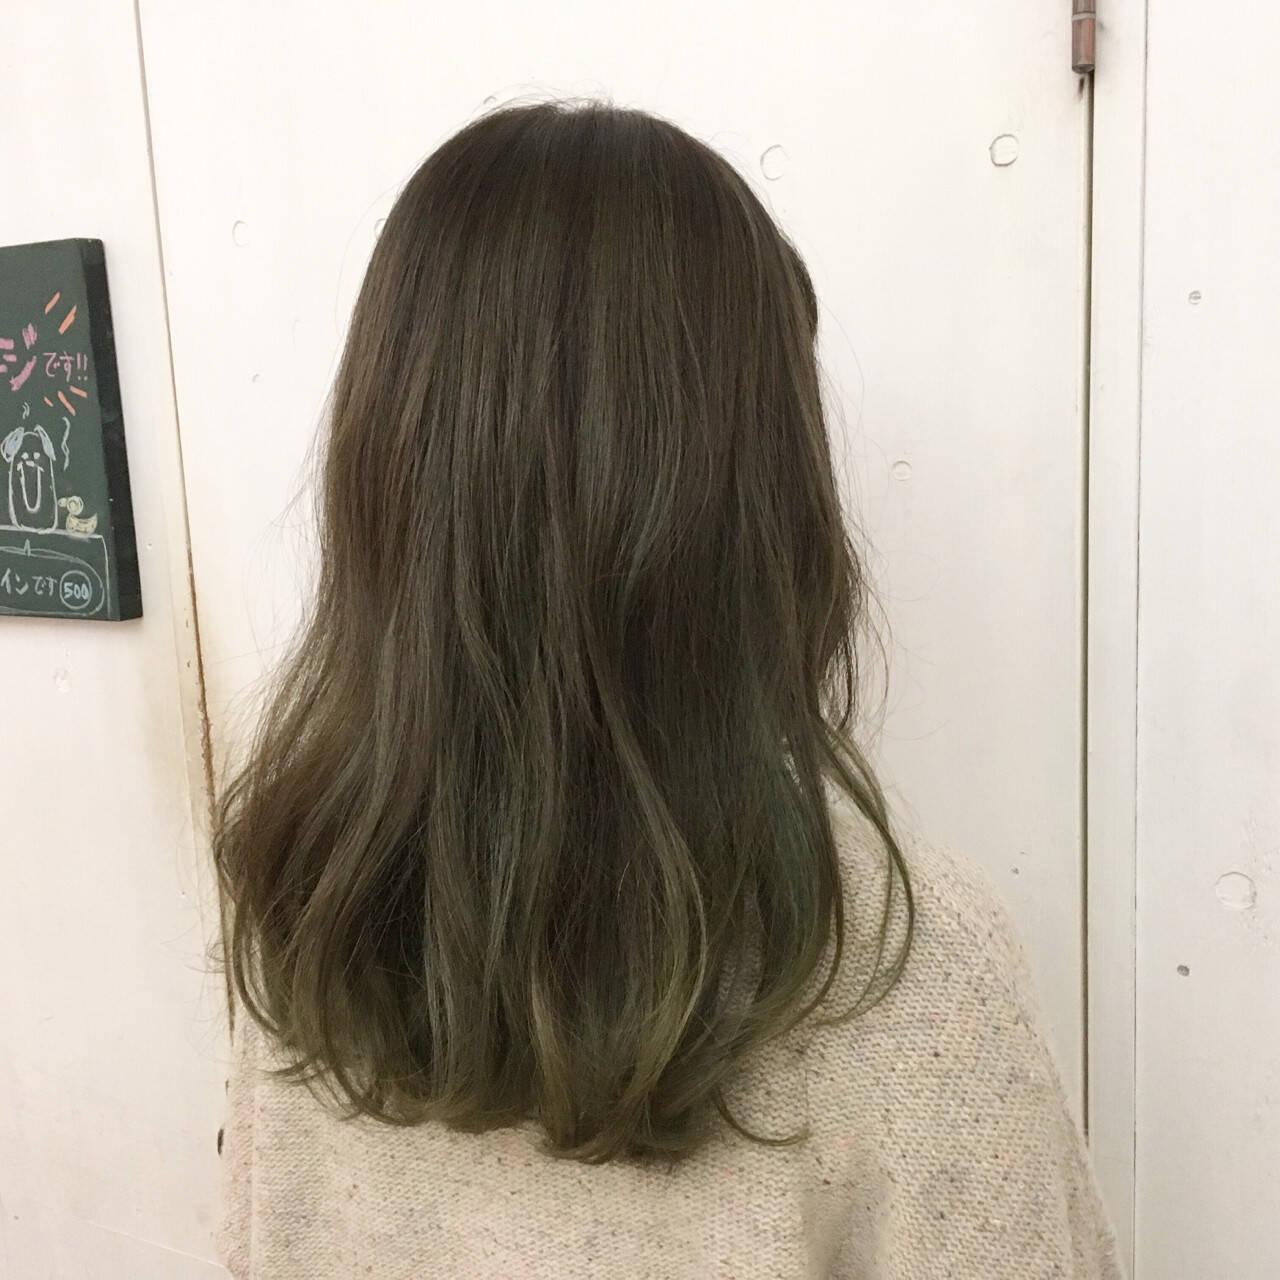 ストリート 外国人風カラー マット オリーブアッシュヘアスタイルや髪型の写真・画像